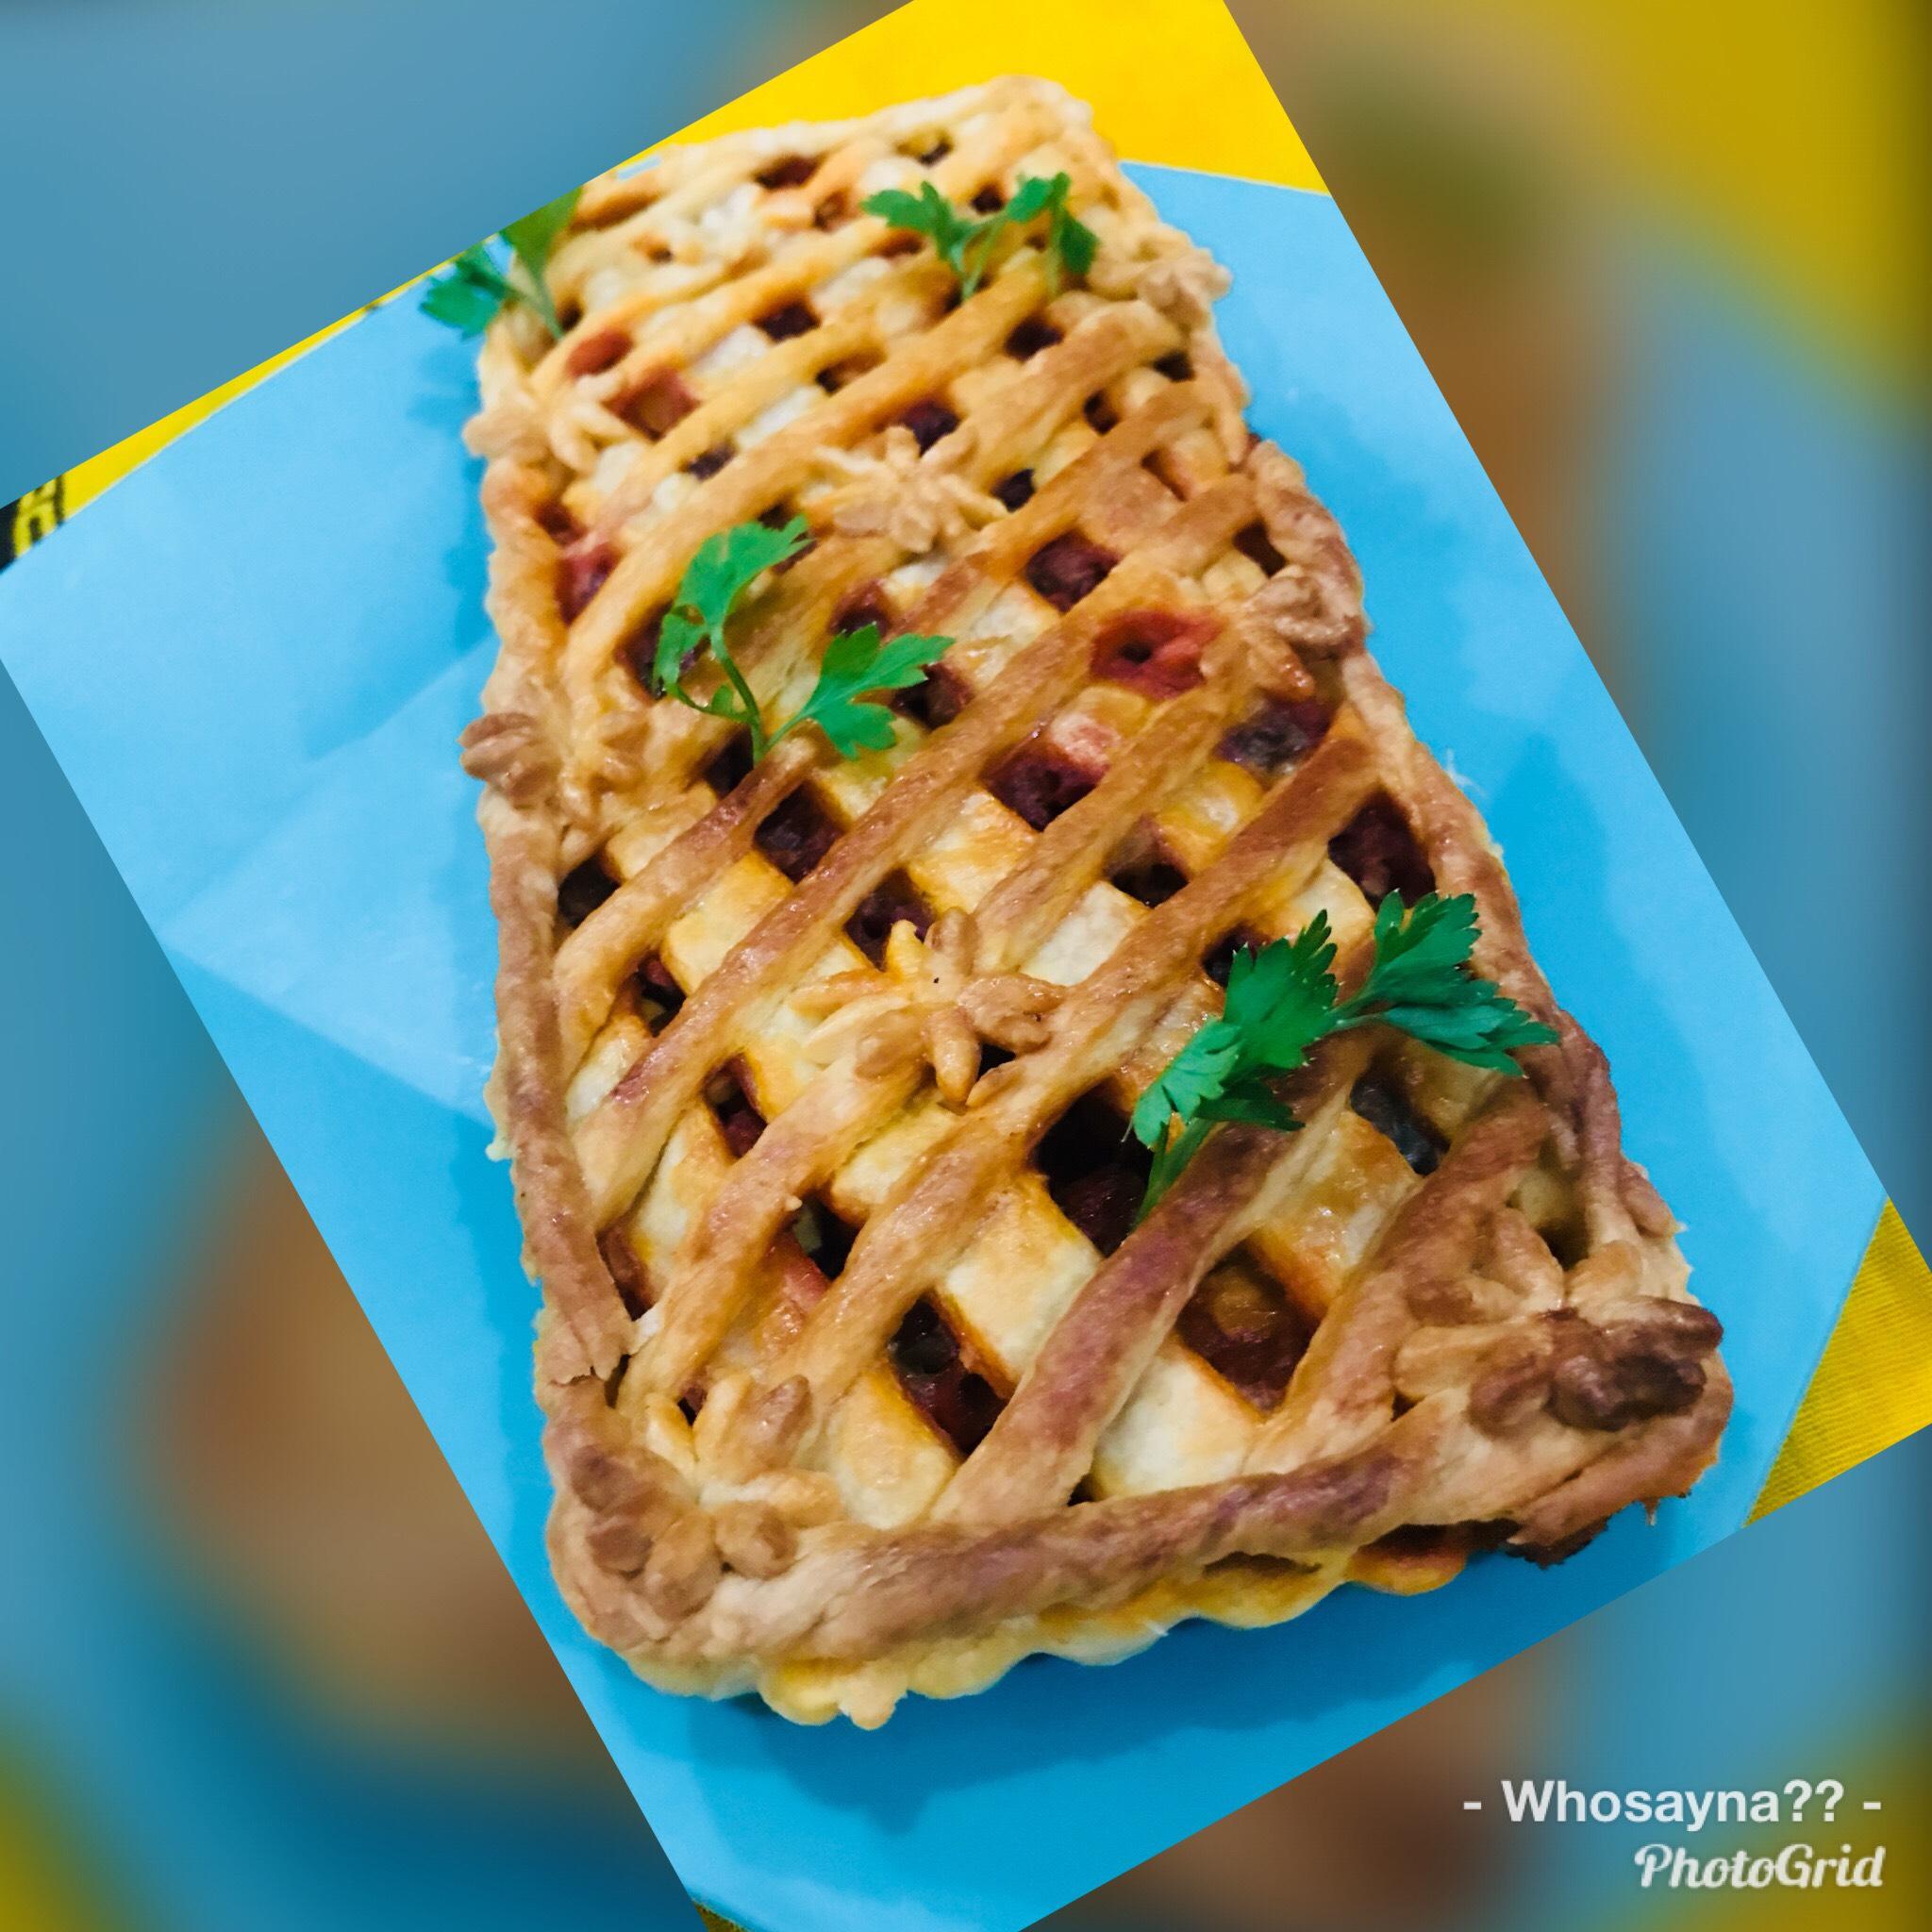 Whosayna's Steak n Veggies Pie